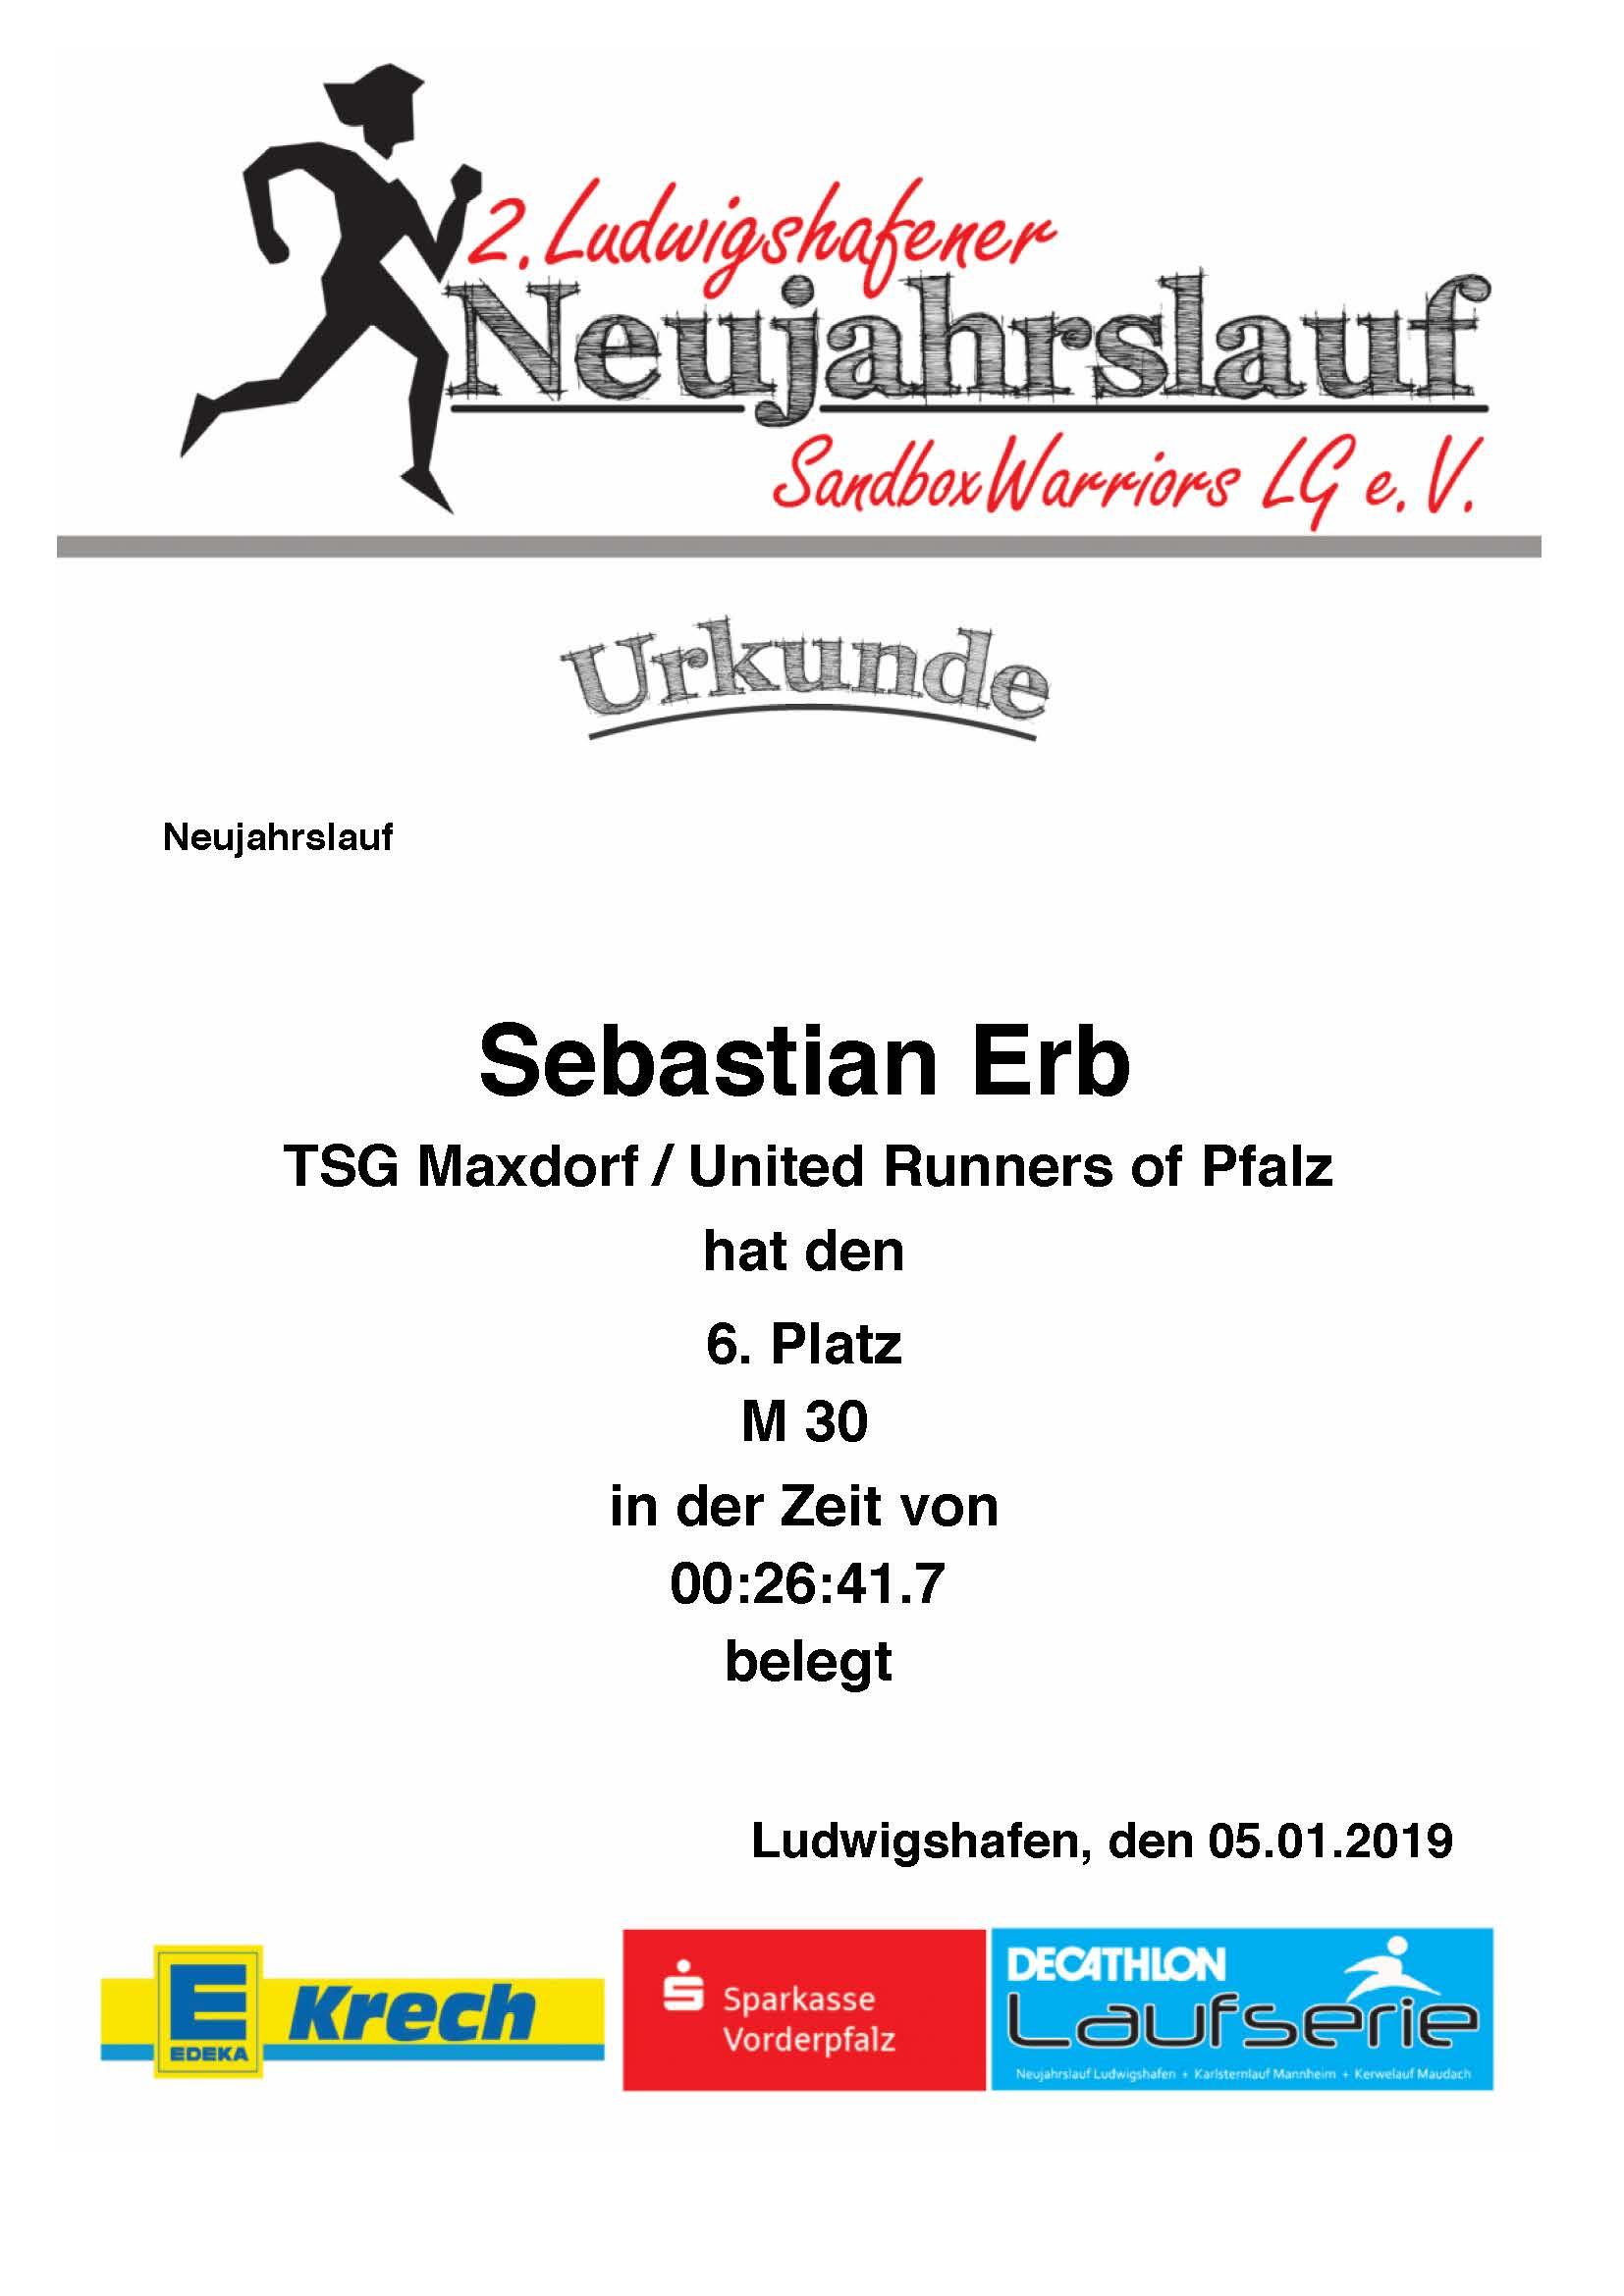 2. Ludwigshafener Neujahrslauf 2019